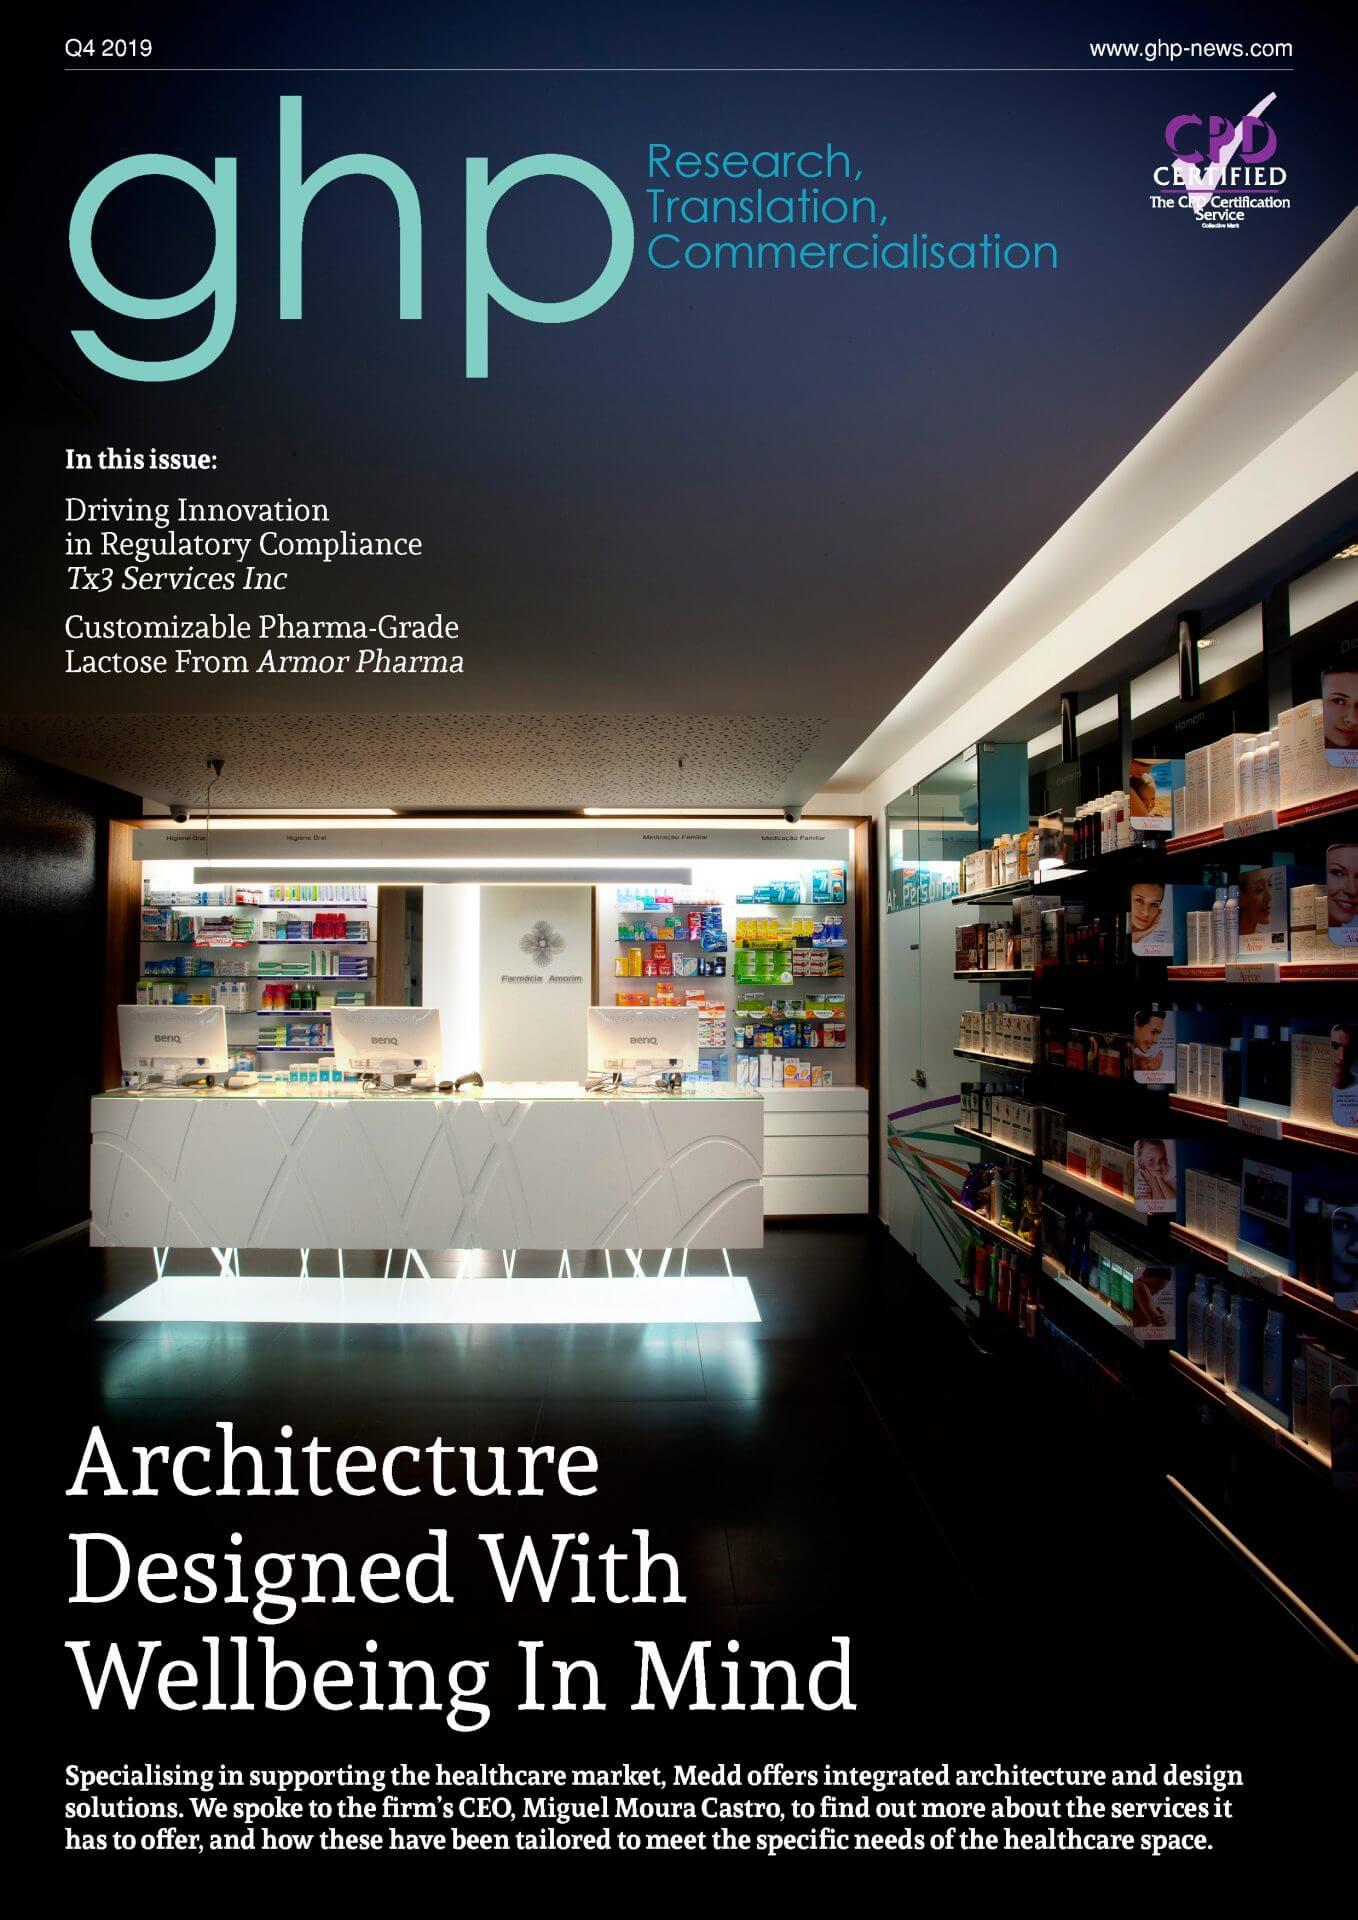 GHP Q4 2019 cover